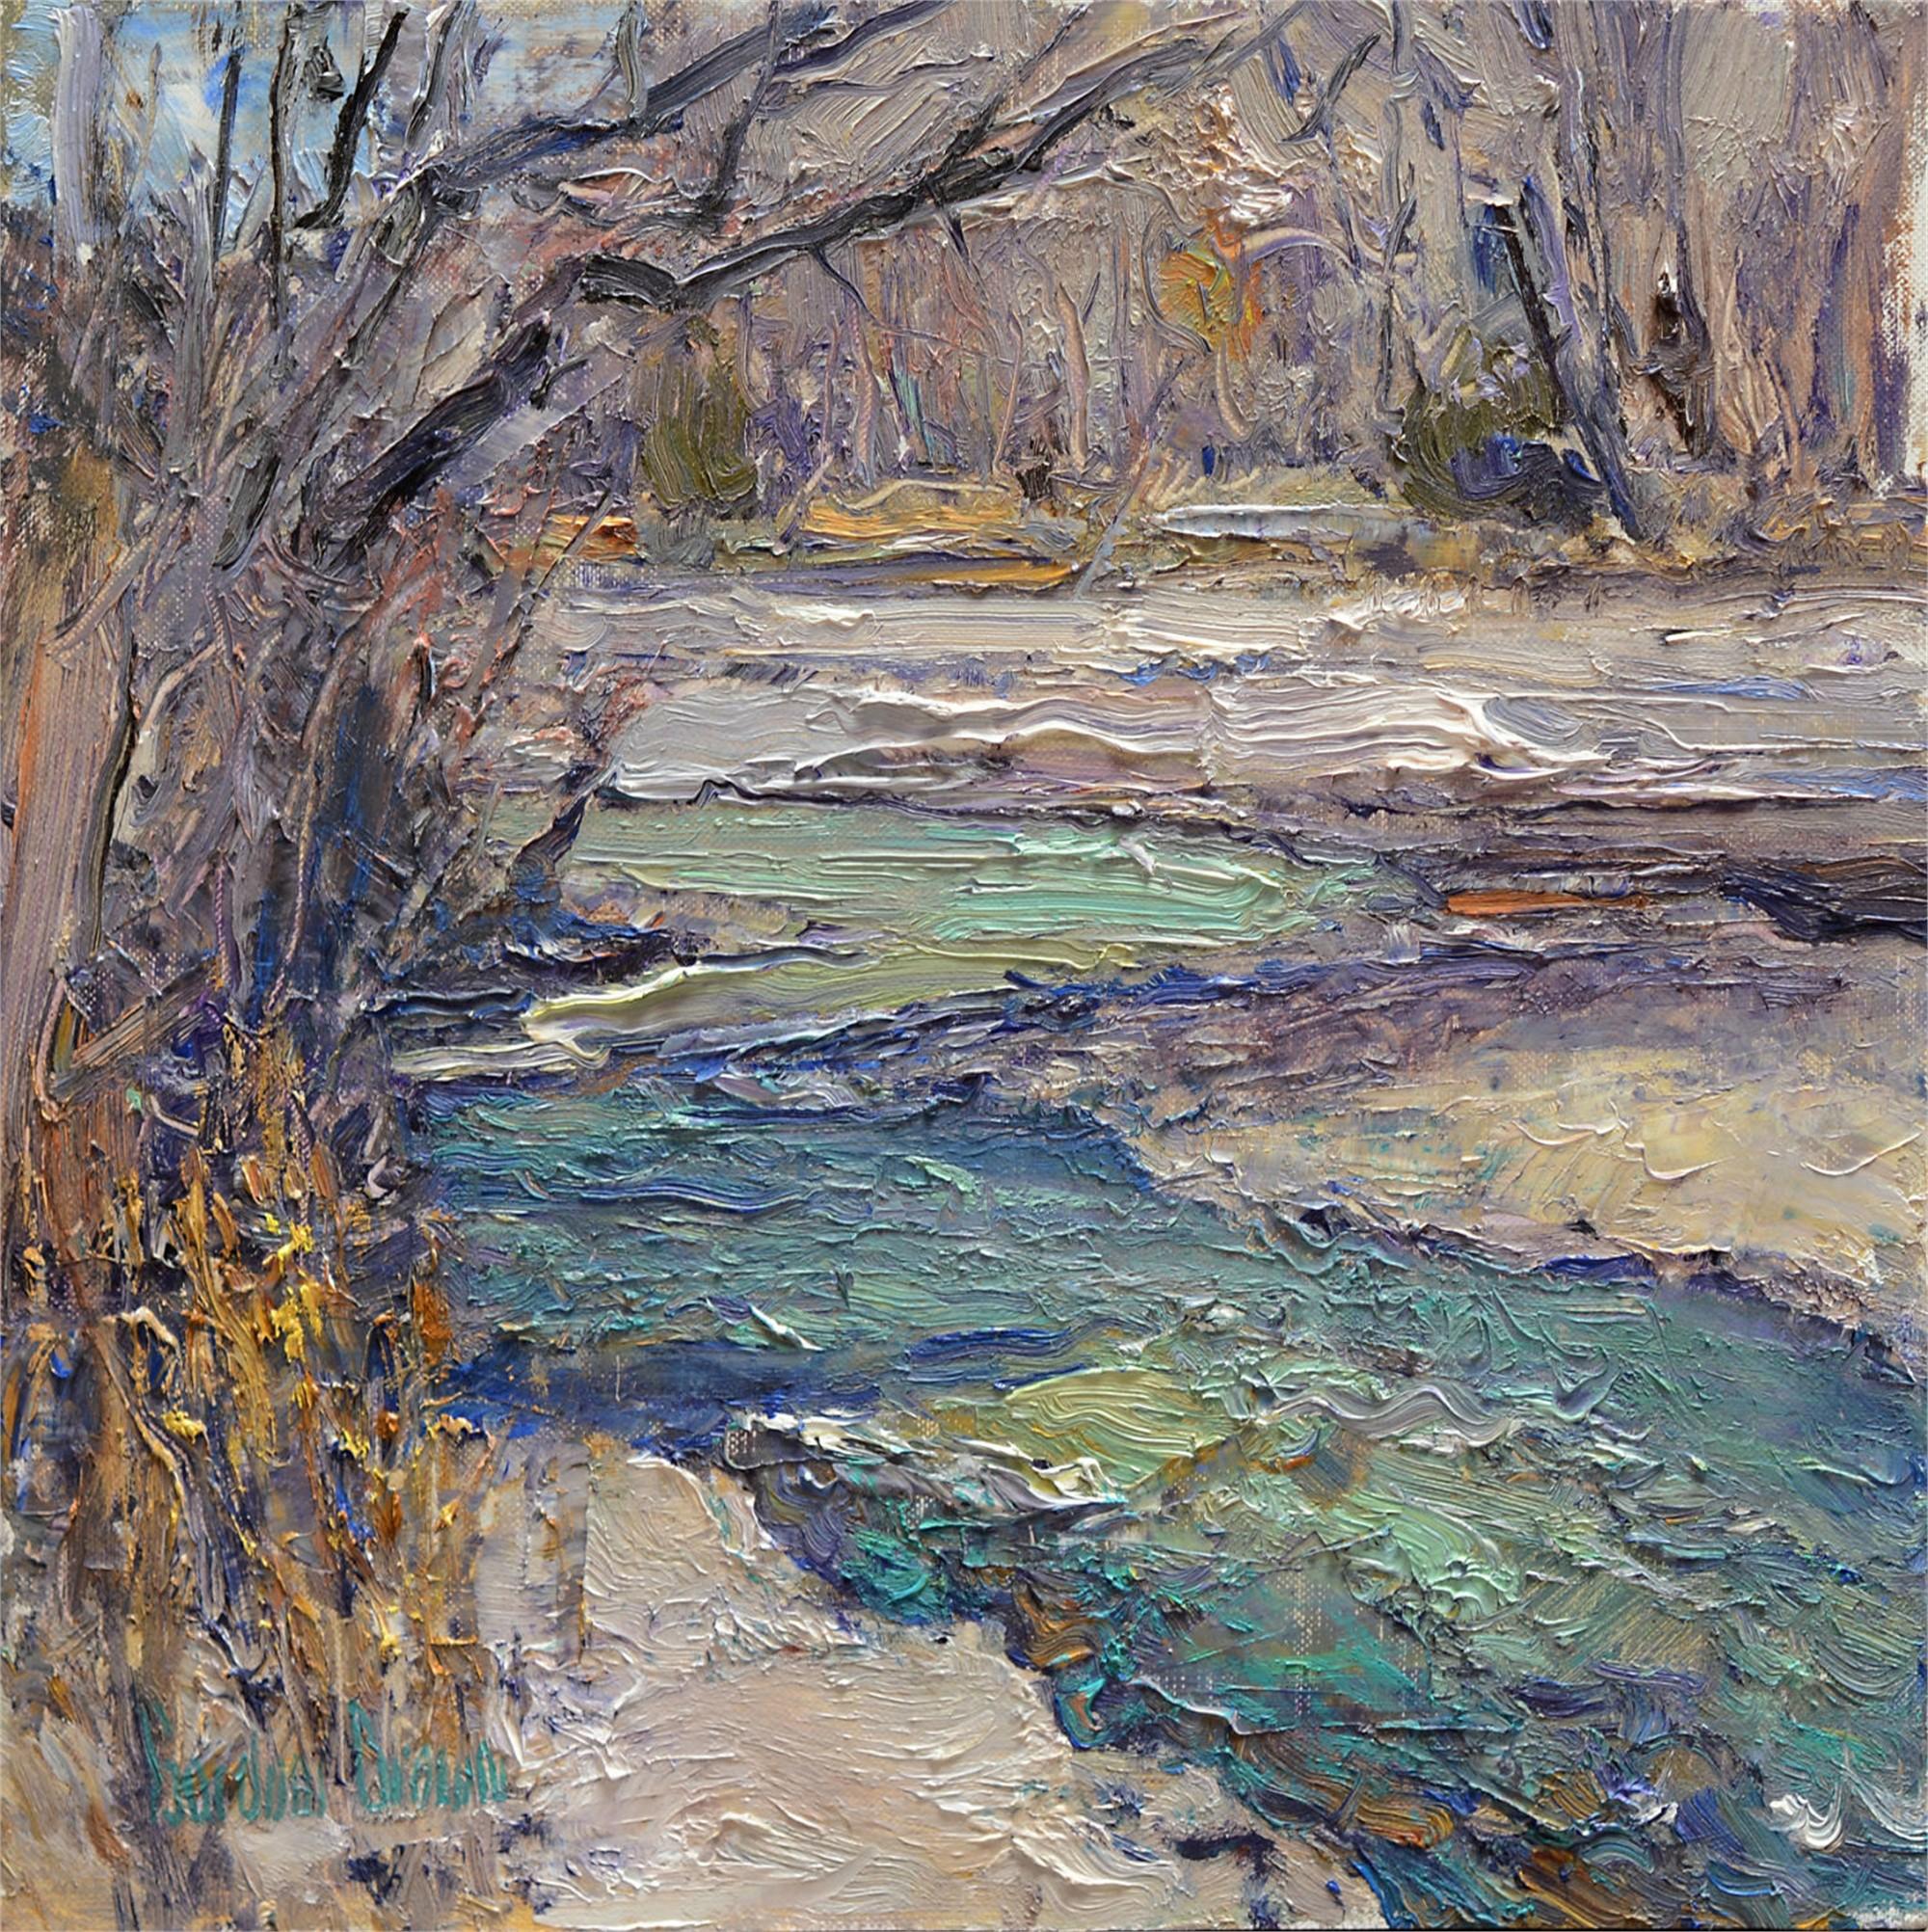 San Juan Creek by Gordon Brown